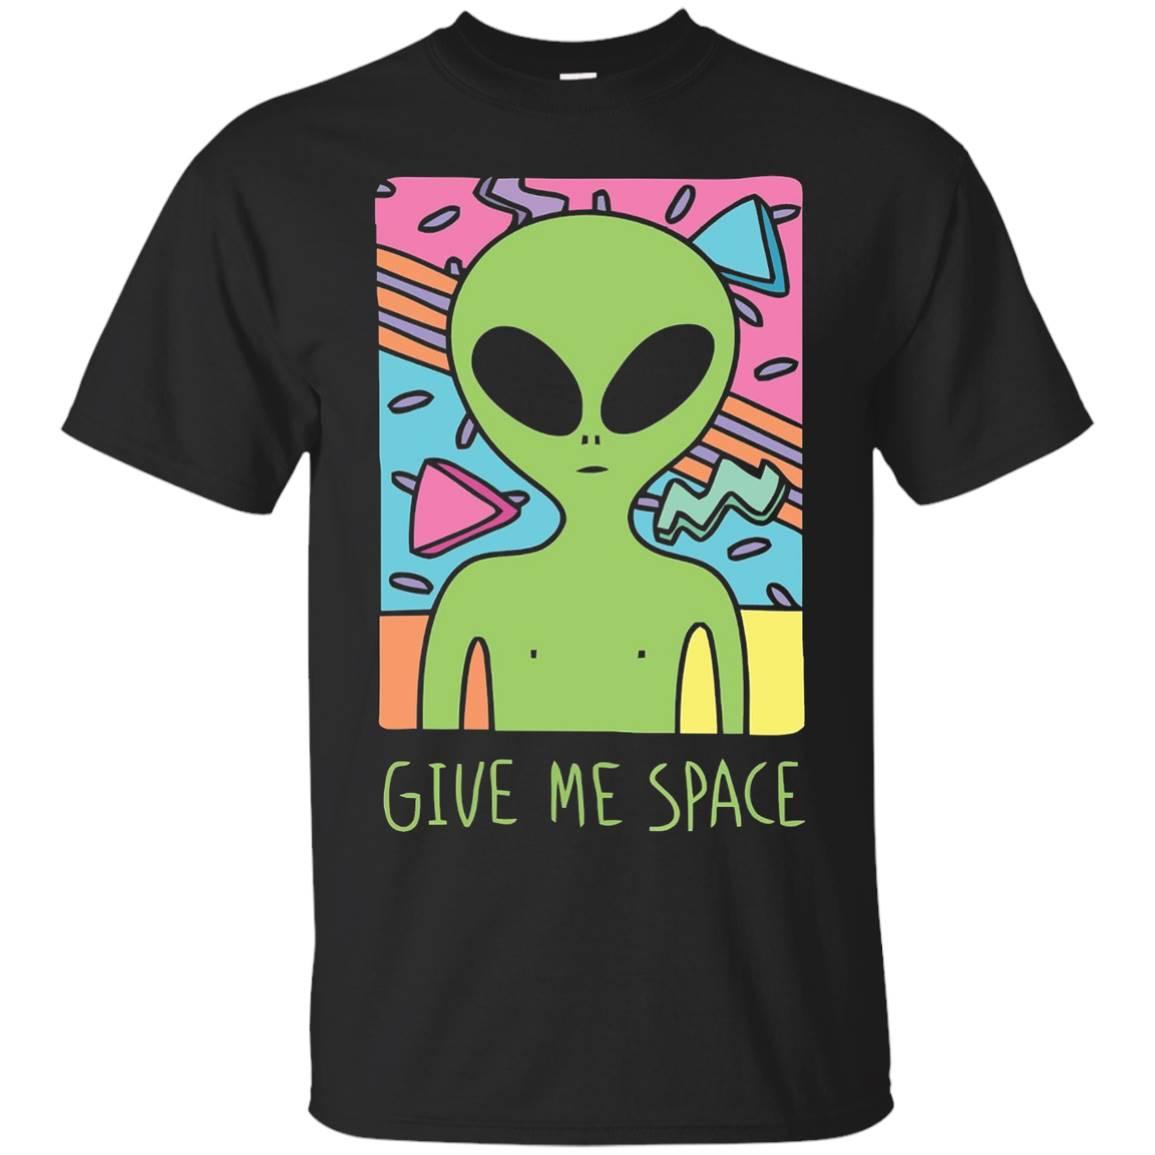 Trippy Alien T-shirt